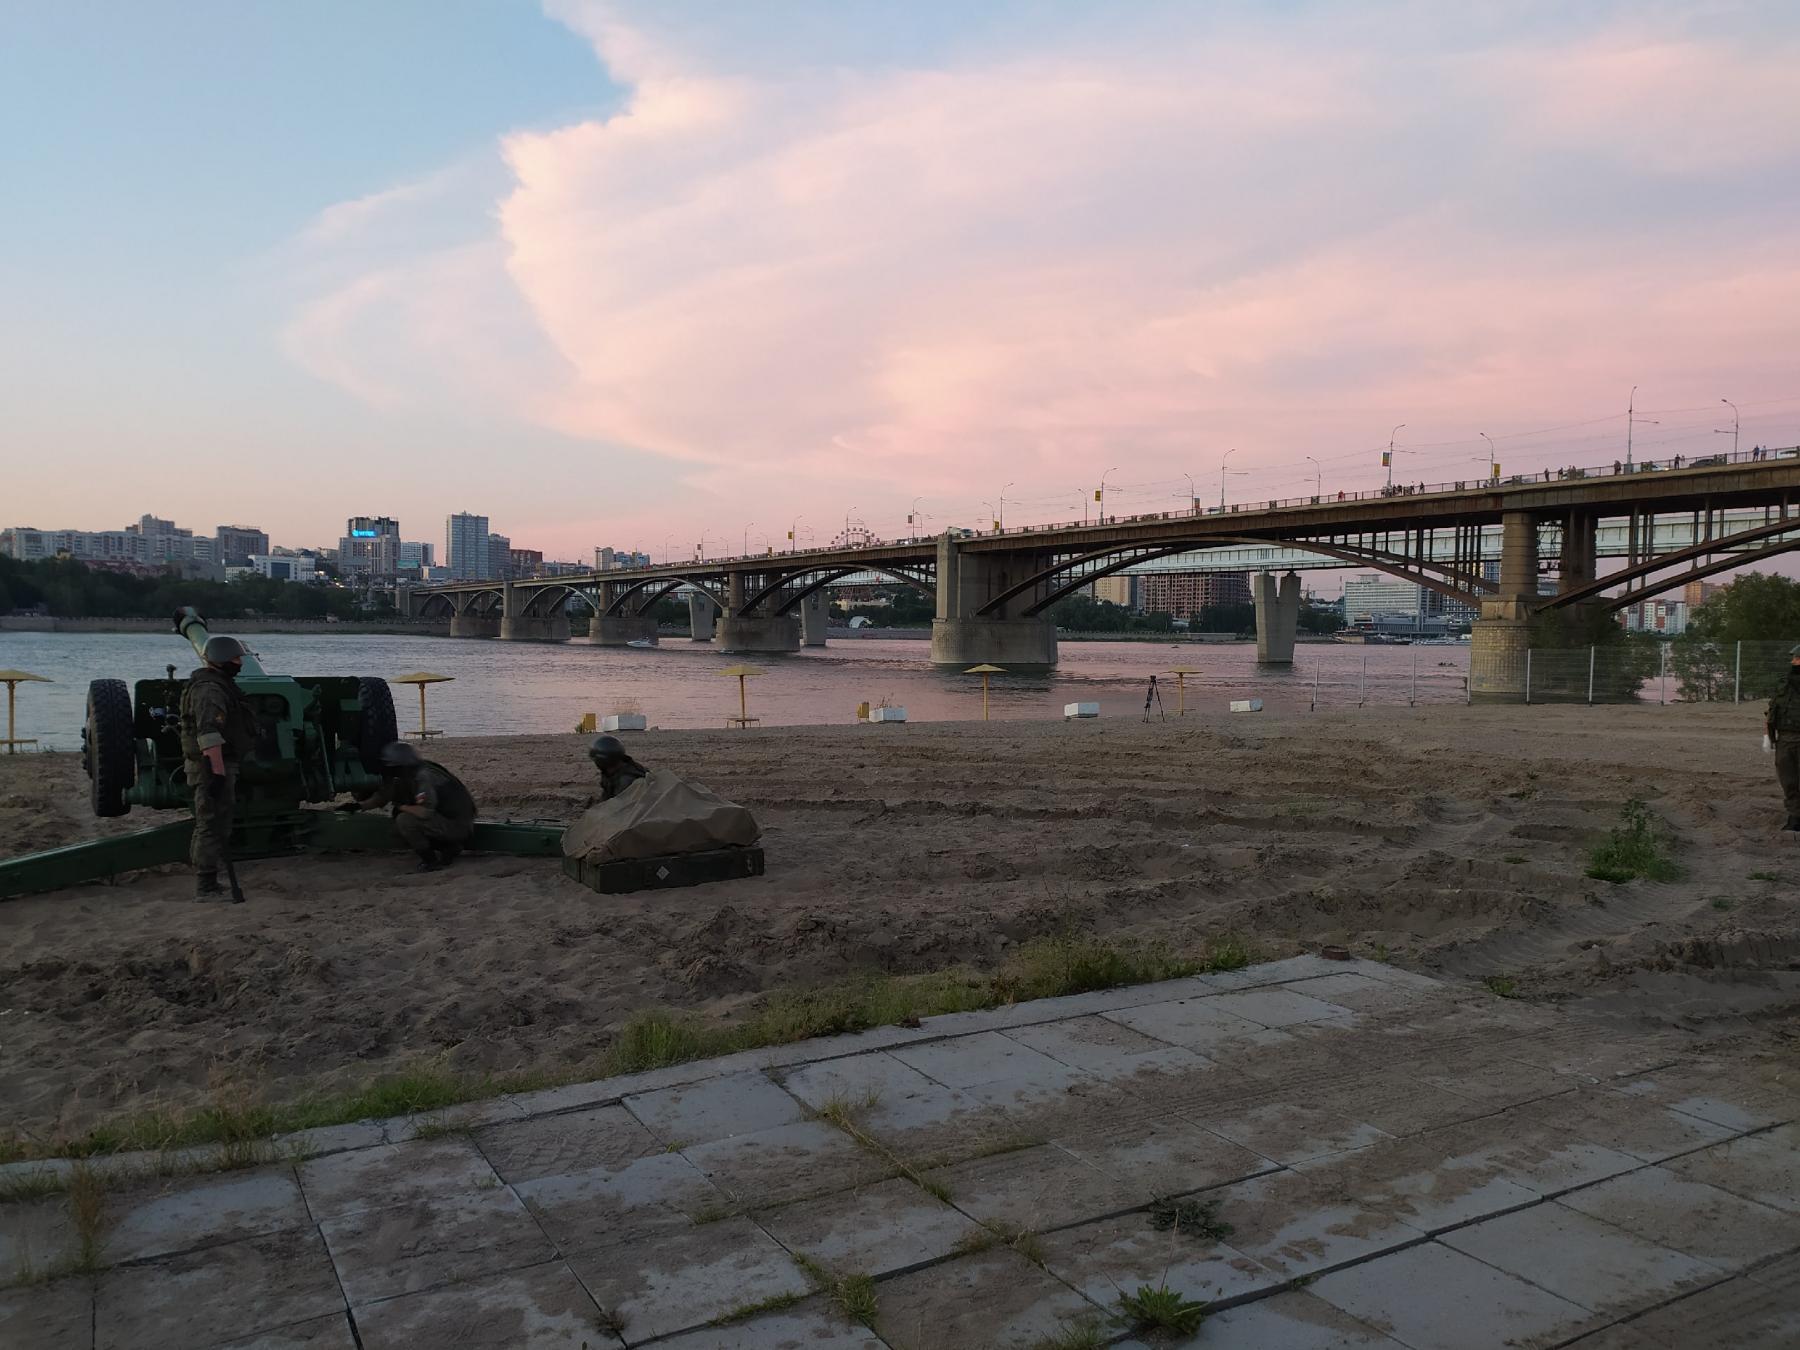 фото Обратная сторона салюта: как готовили фейерверк в Новосибирске и кто стрелял 5